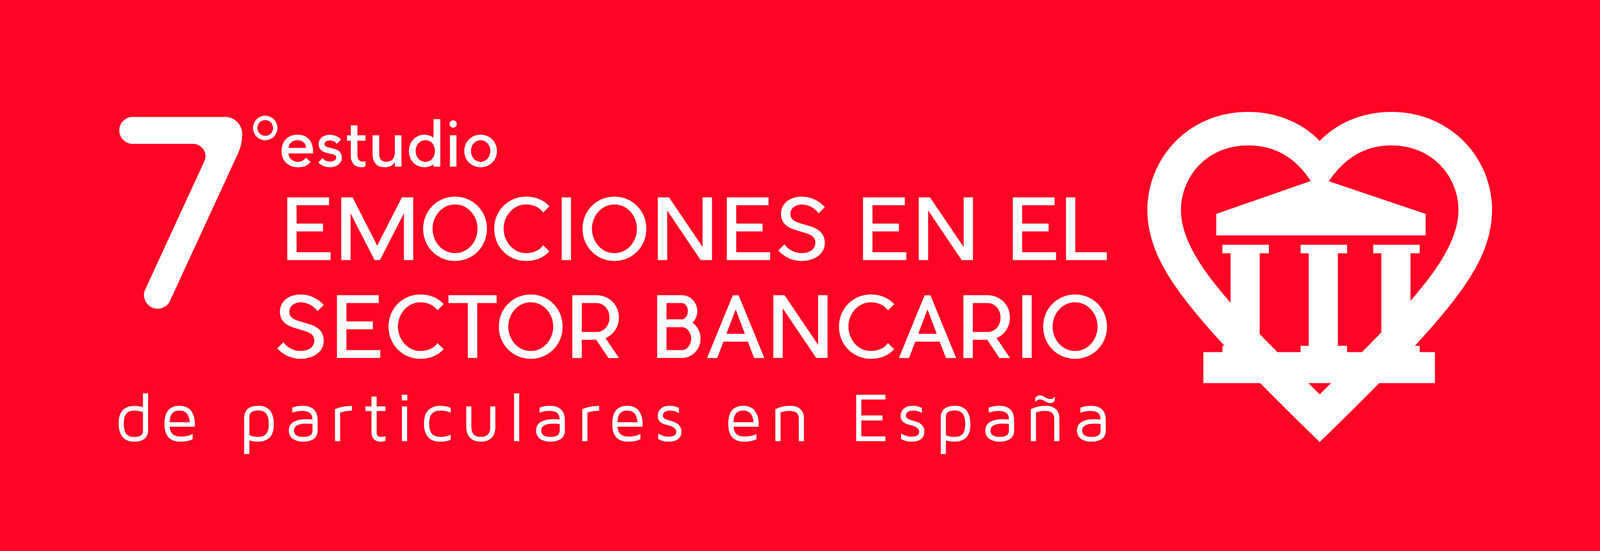 Estudio Emociones en el Sector Bancario